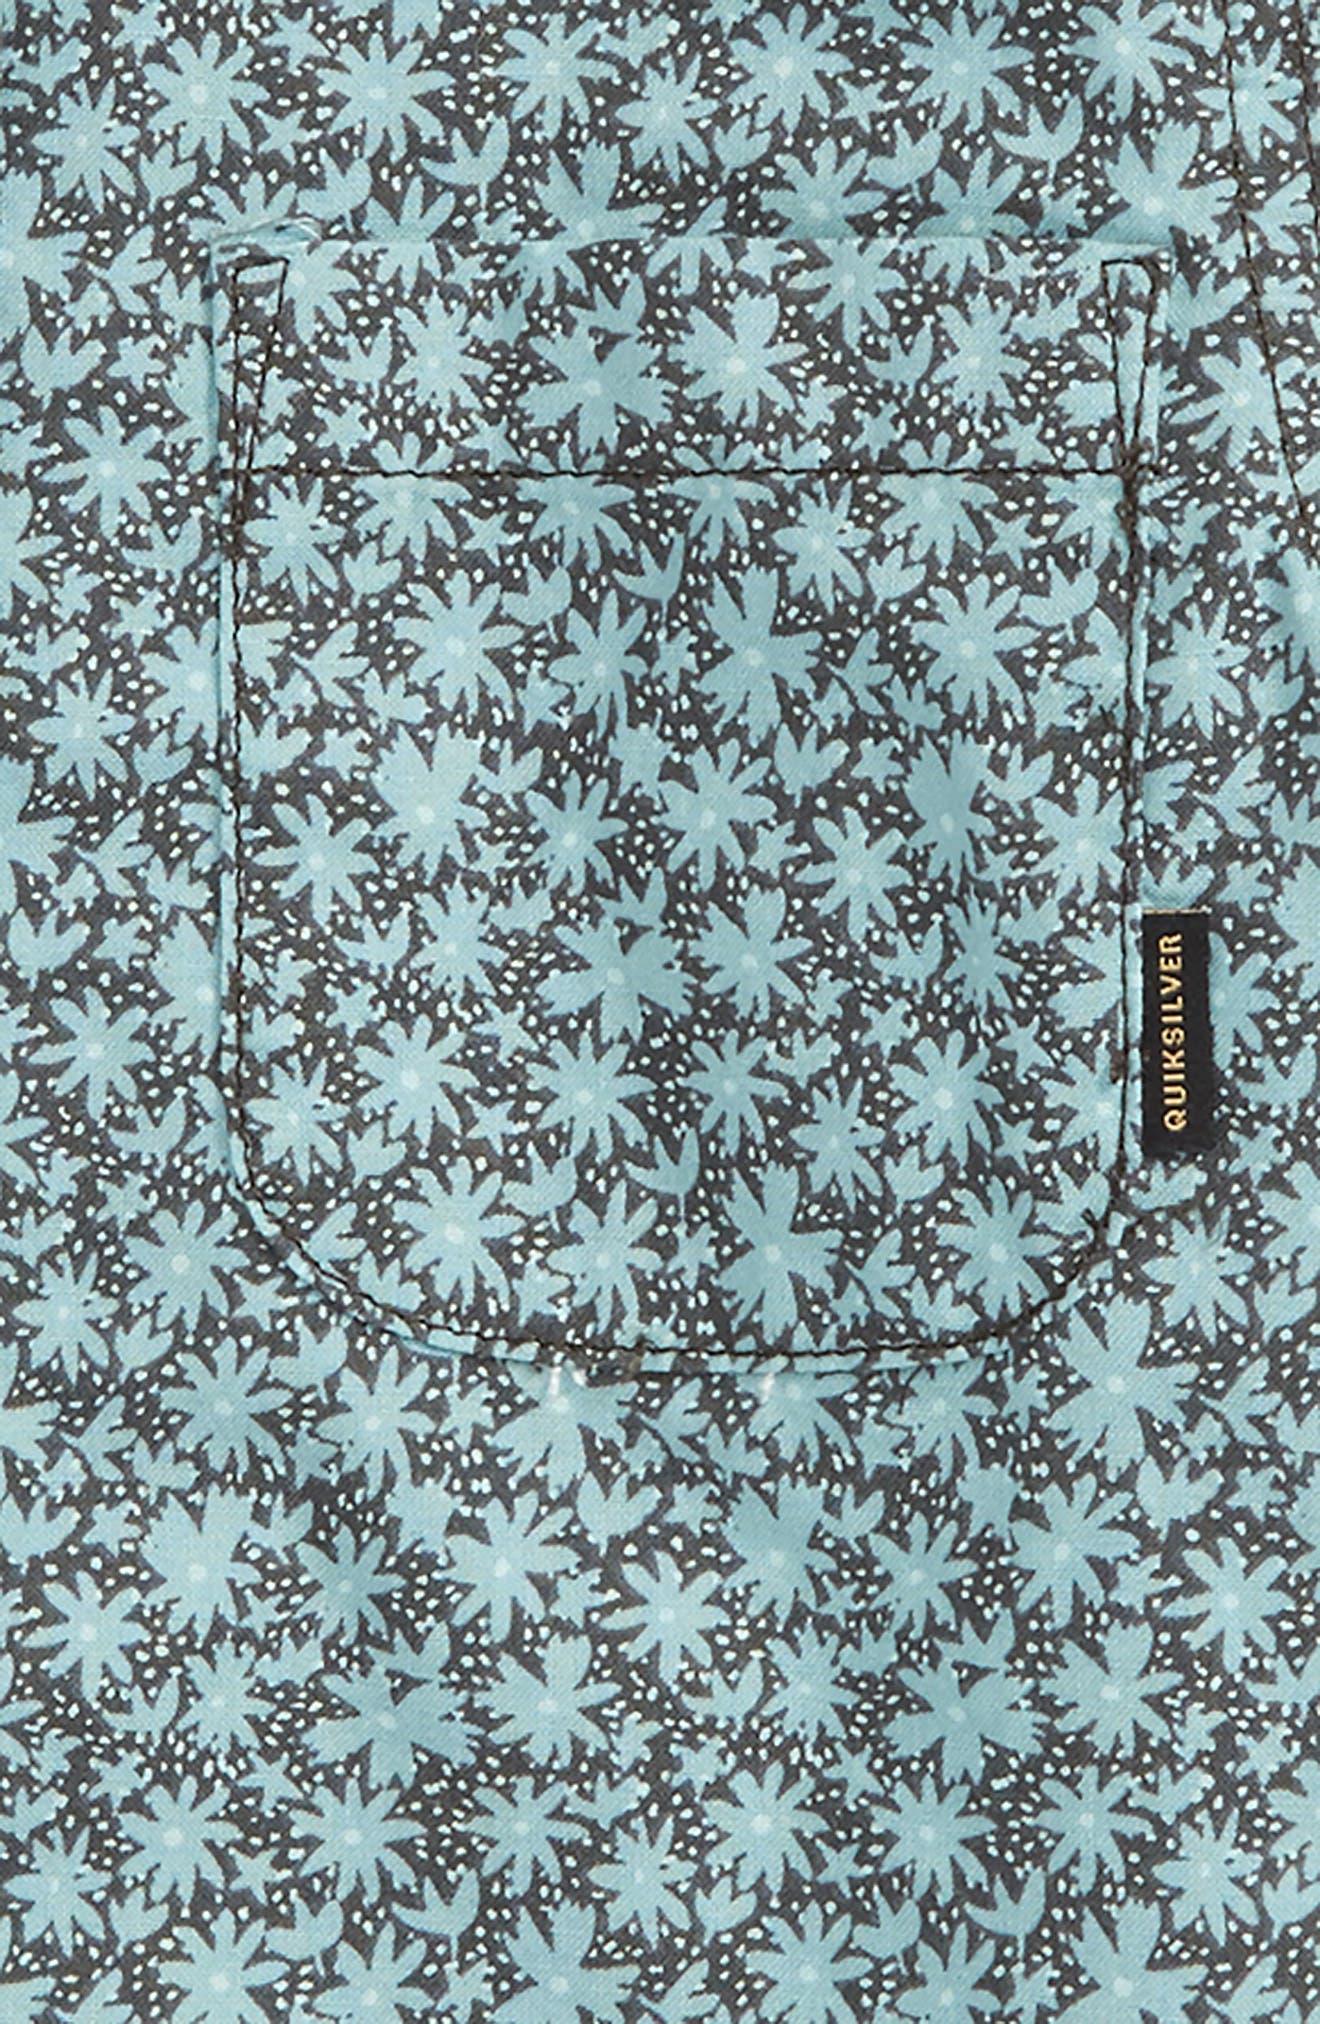 Minikani Woven Shirt,                             Alternate thumbnail 2, color,                             Tarmac